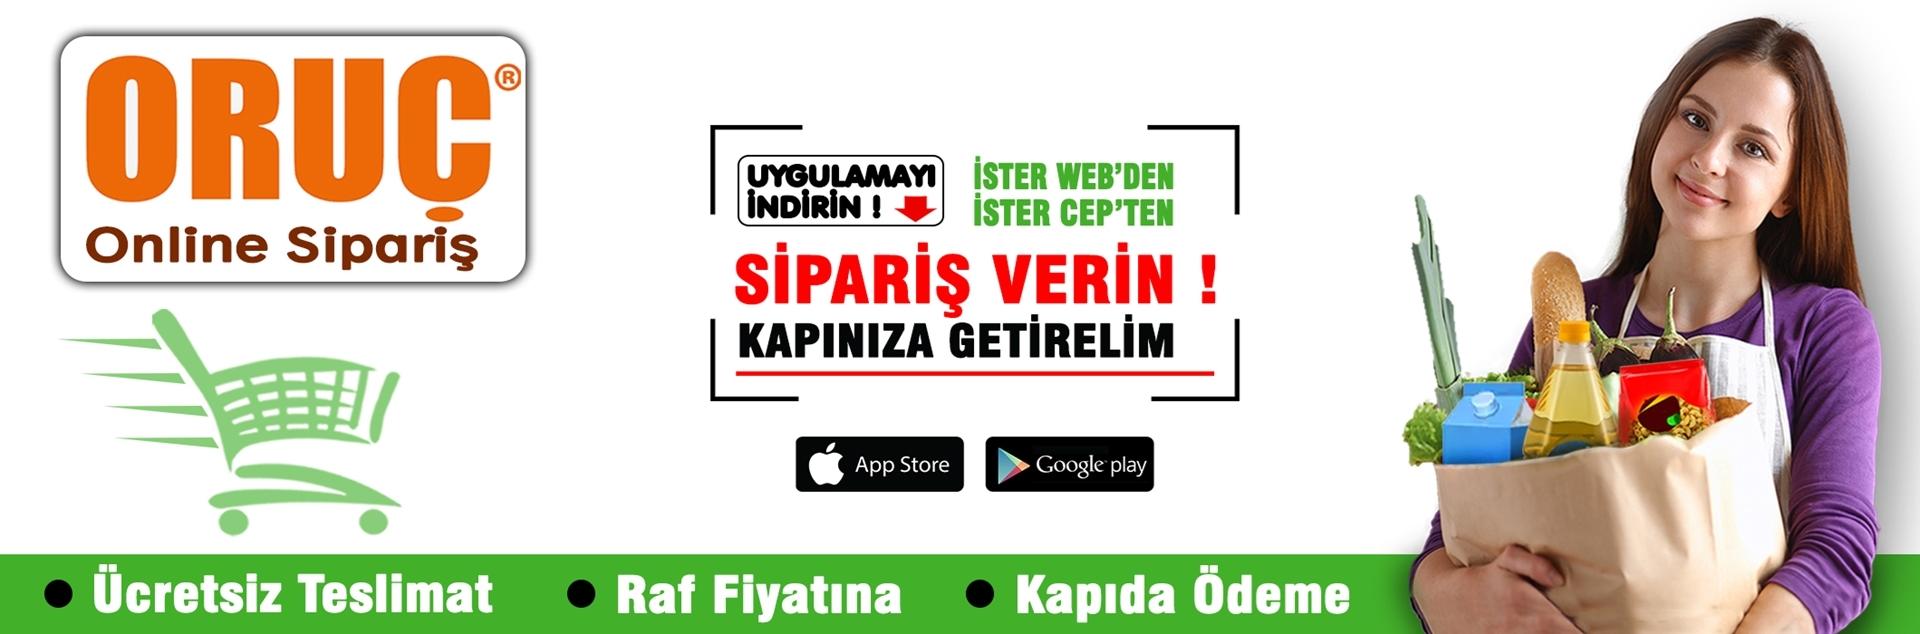 oruç market online market alışverişi kurtköy şubesi